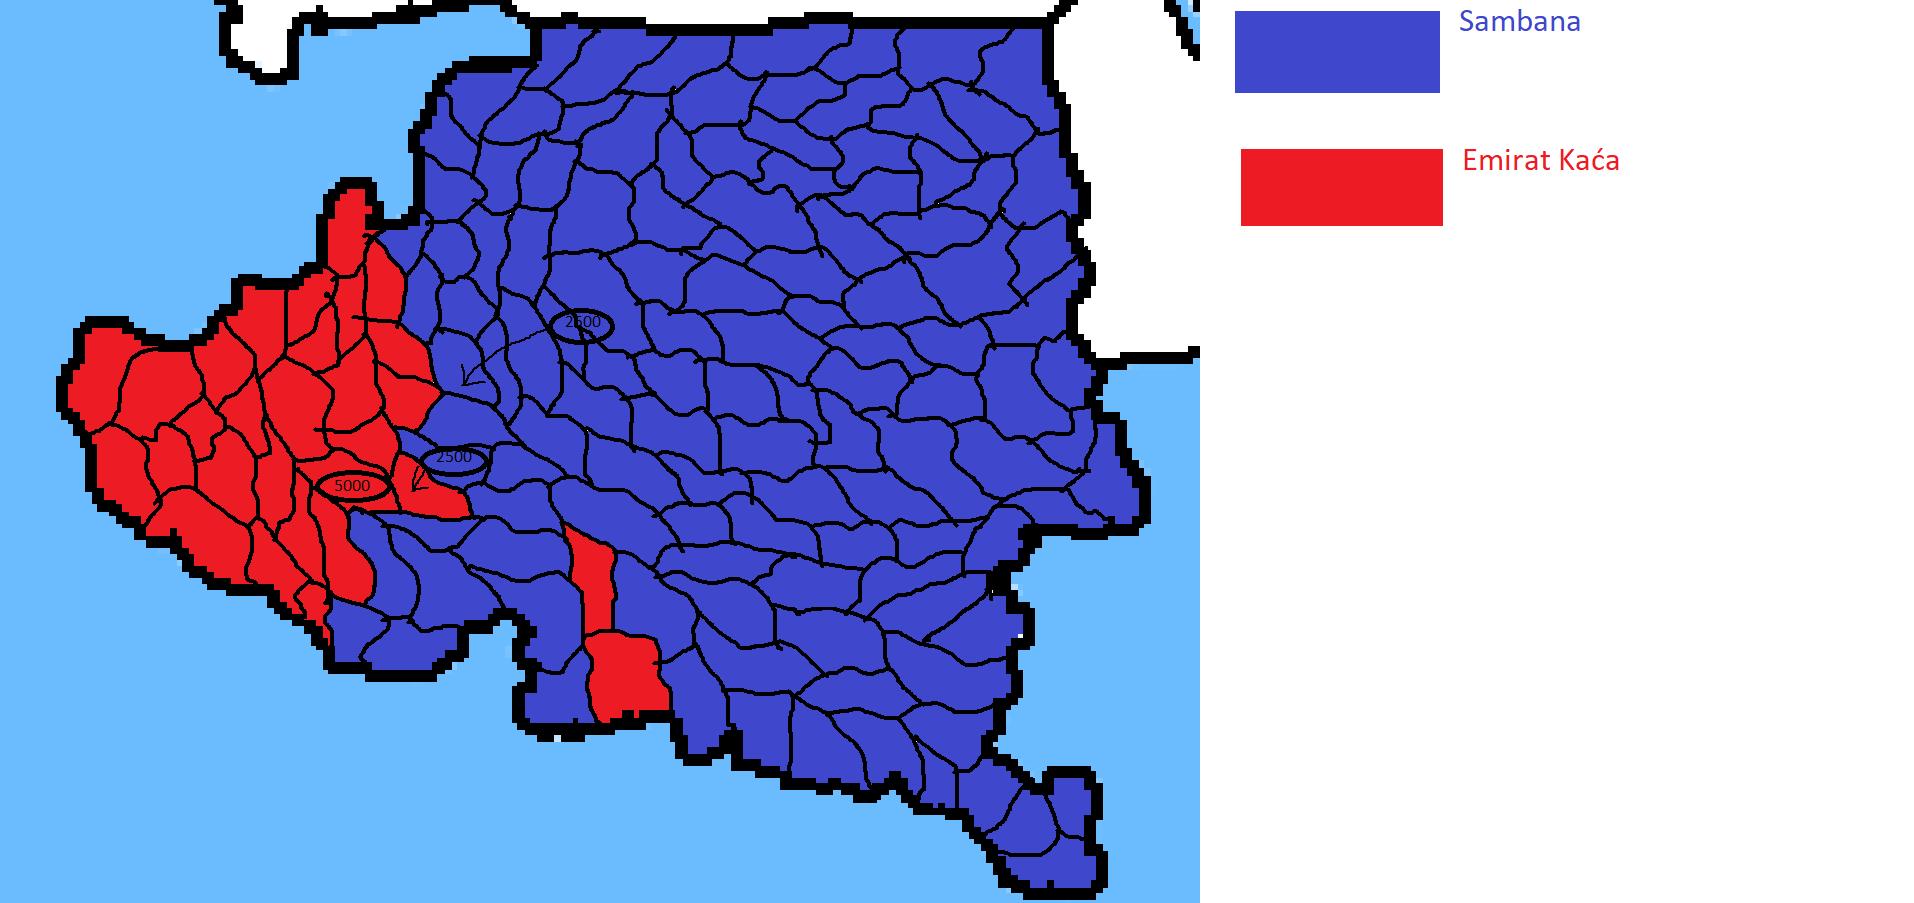 Mapa_podziau_politycznegoarmii_Sambana_2.png